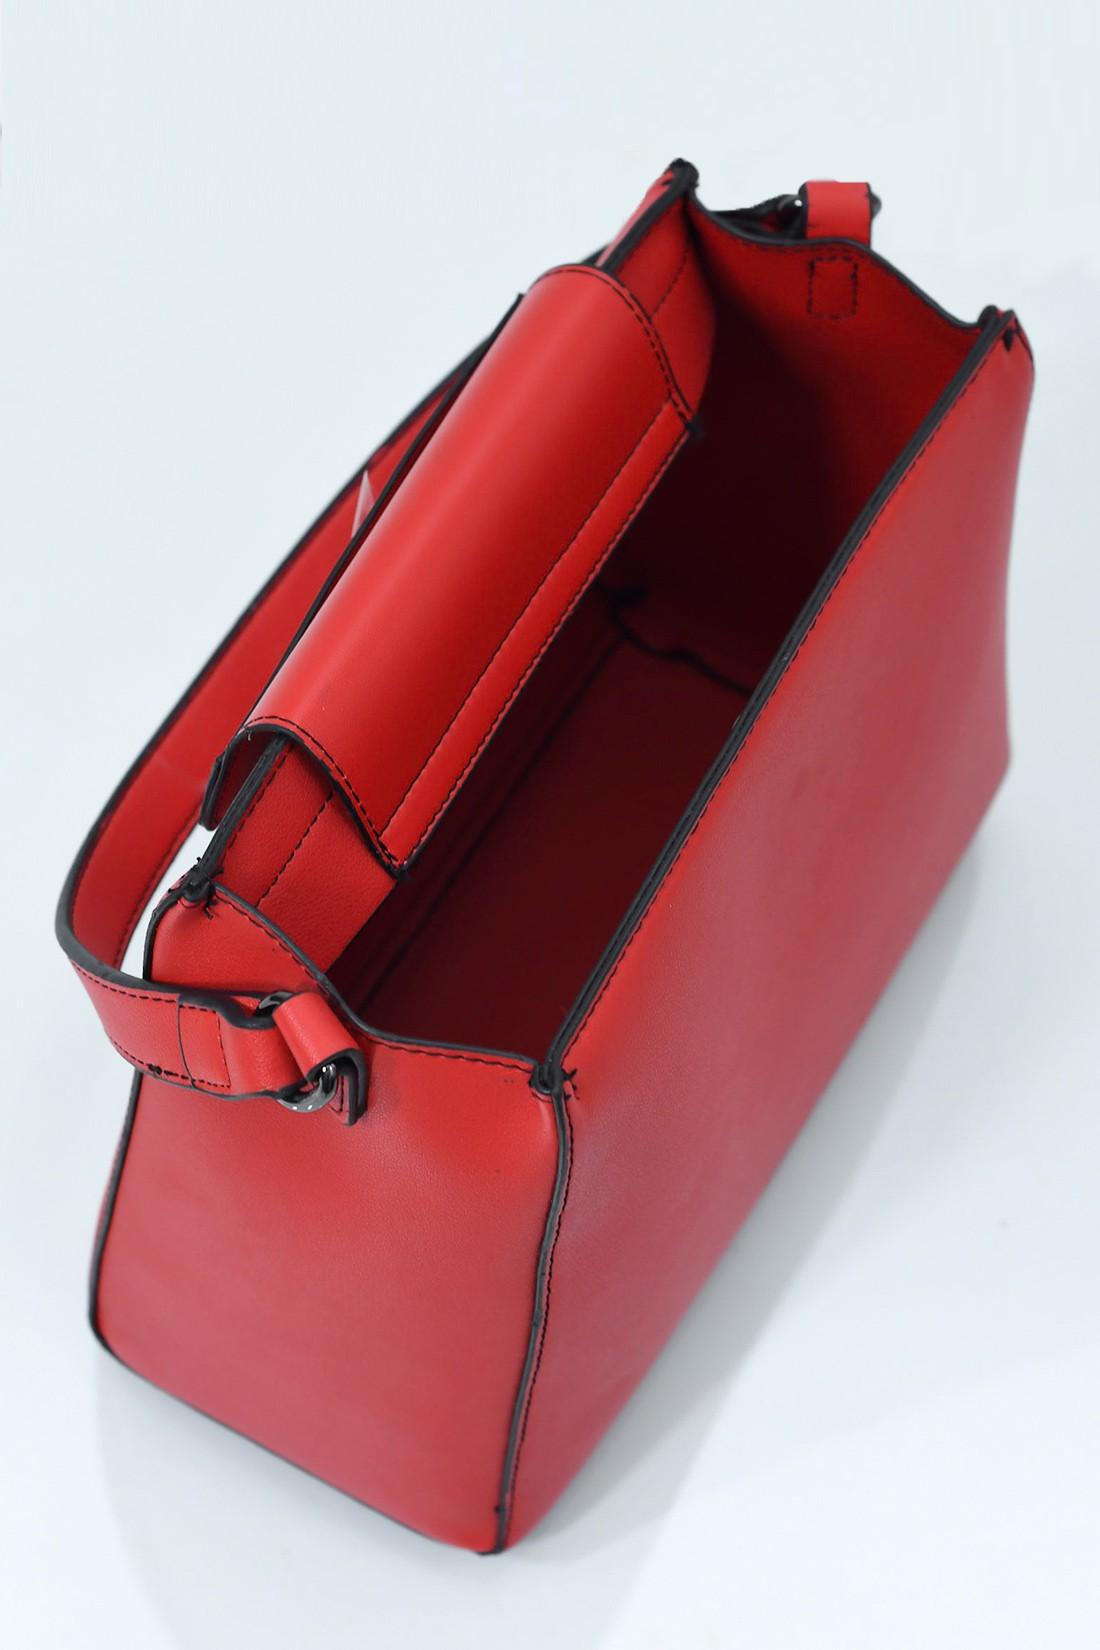 Bolsa Colcci Tote Red